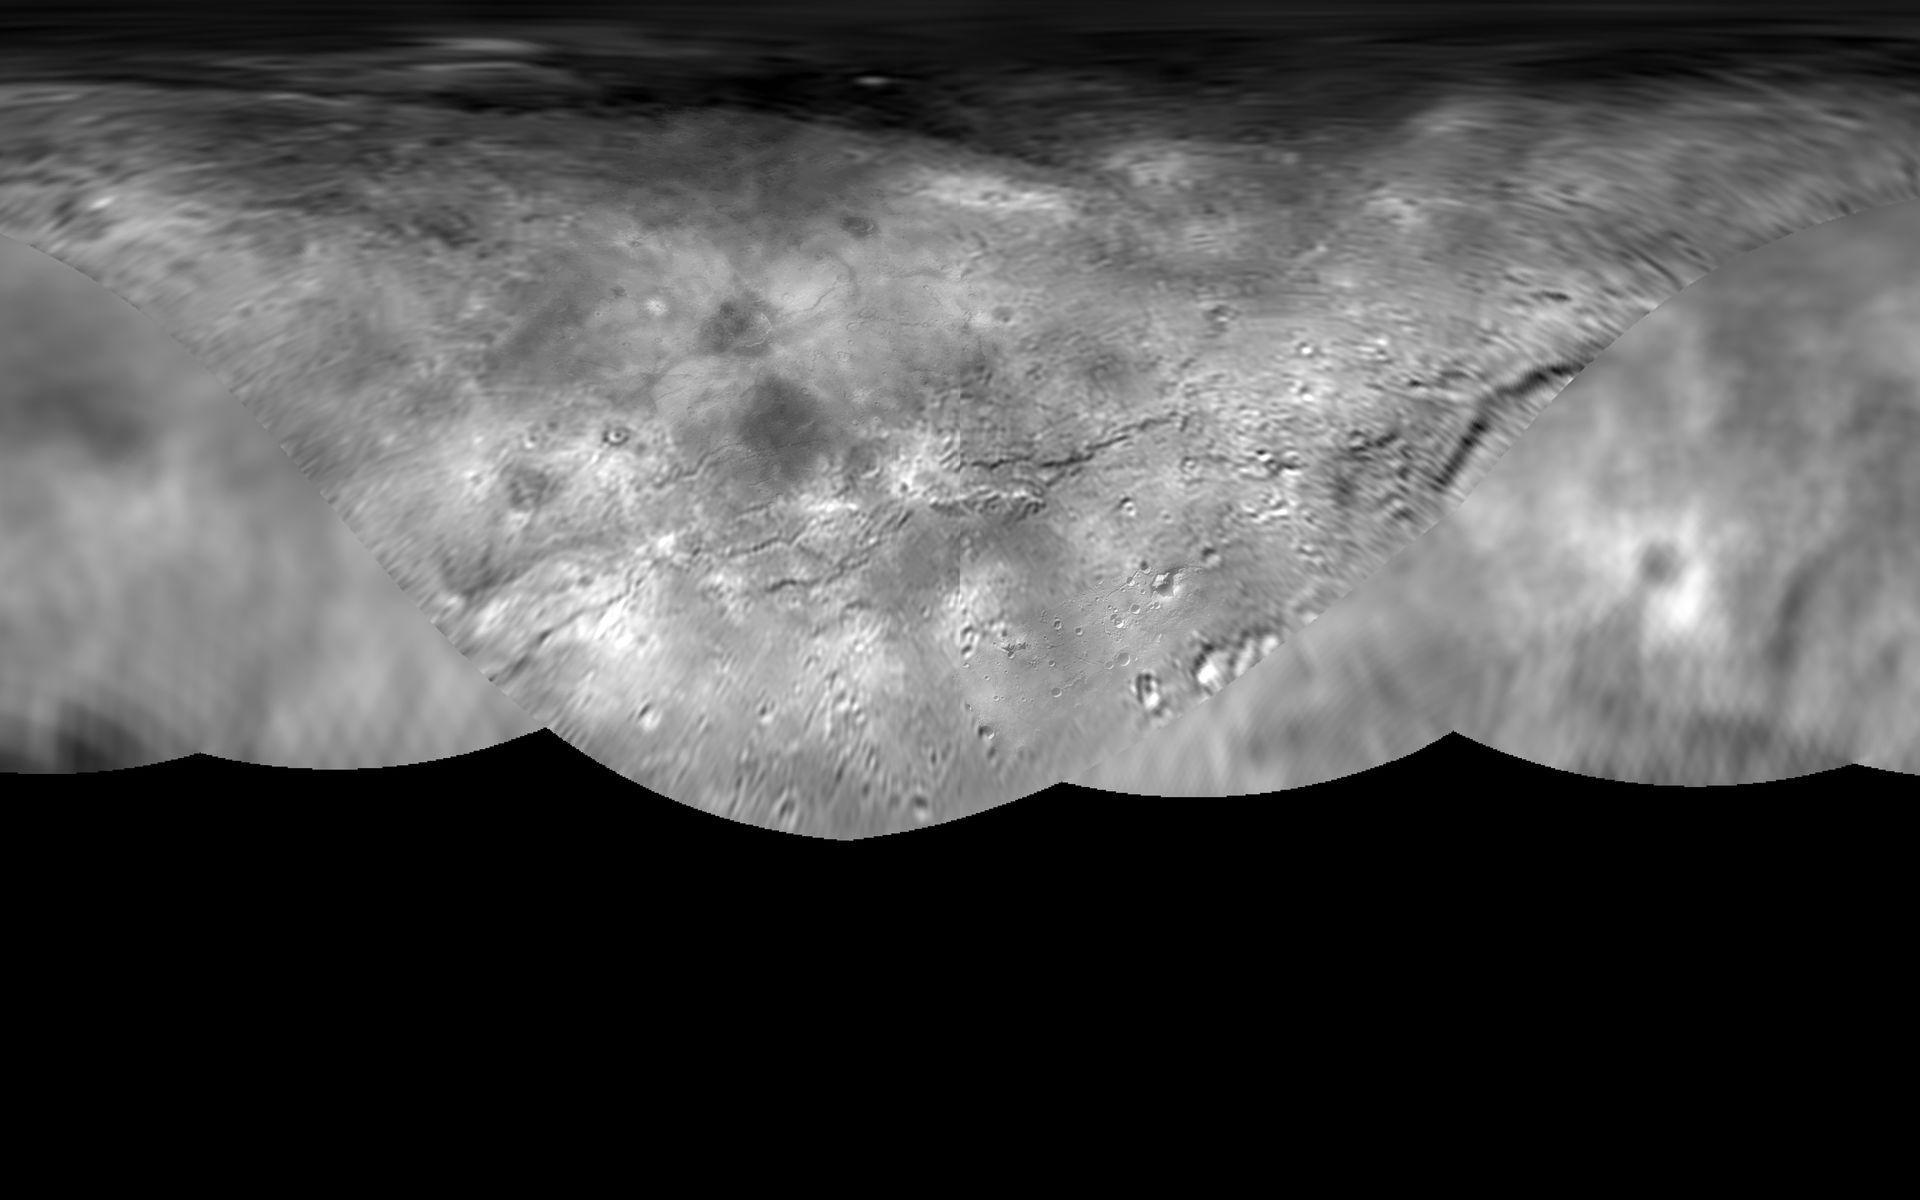 Charon Moon: Global Map Of Pluto's Moon Charon